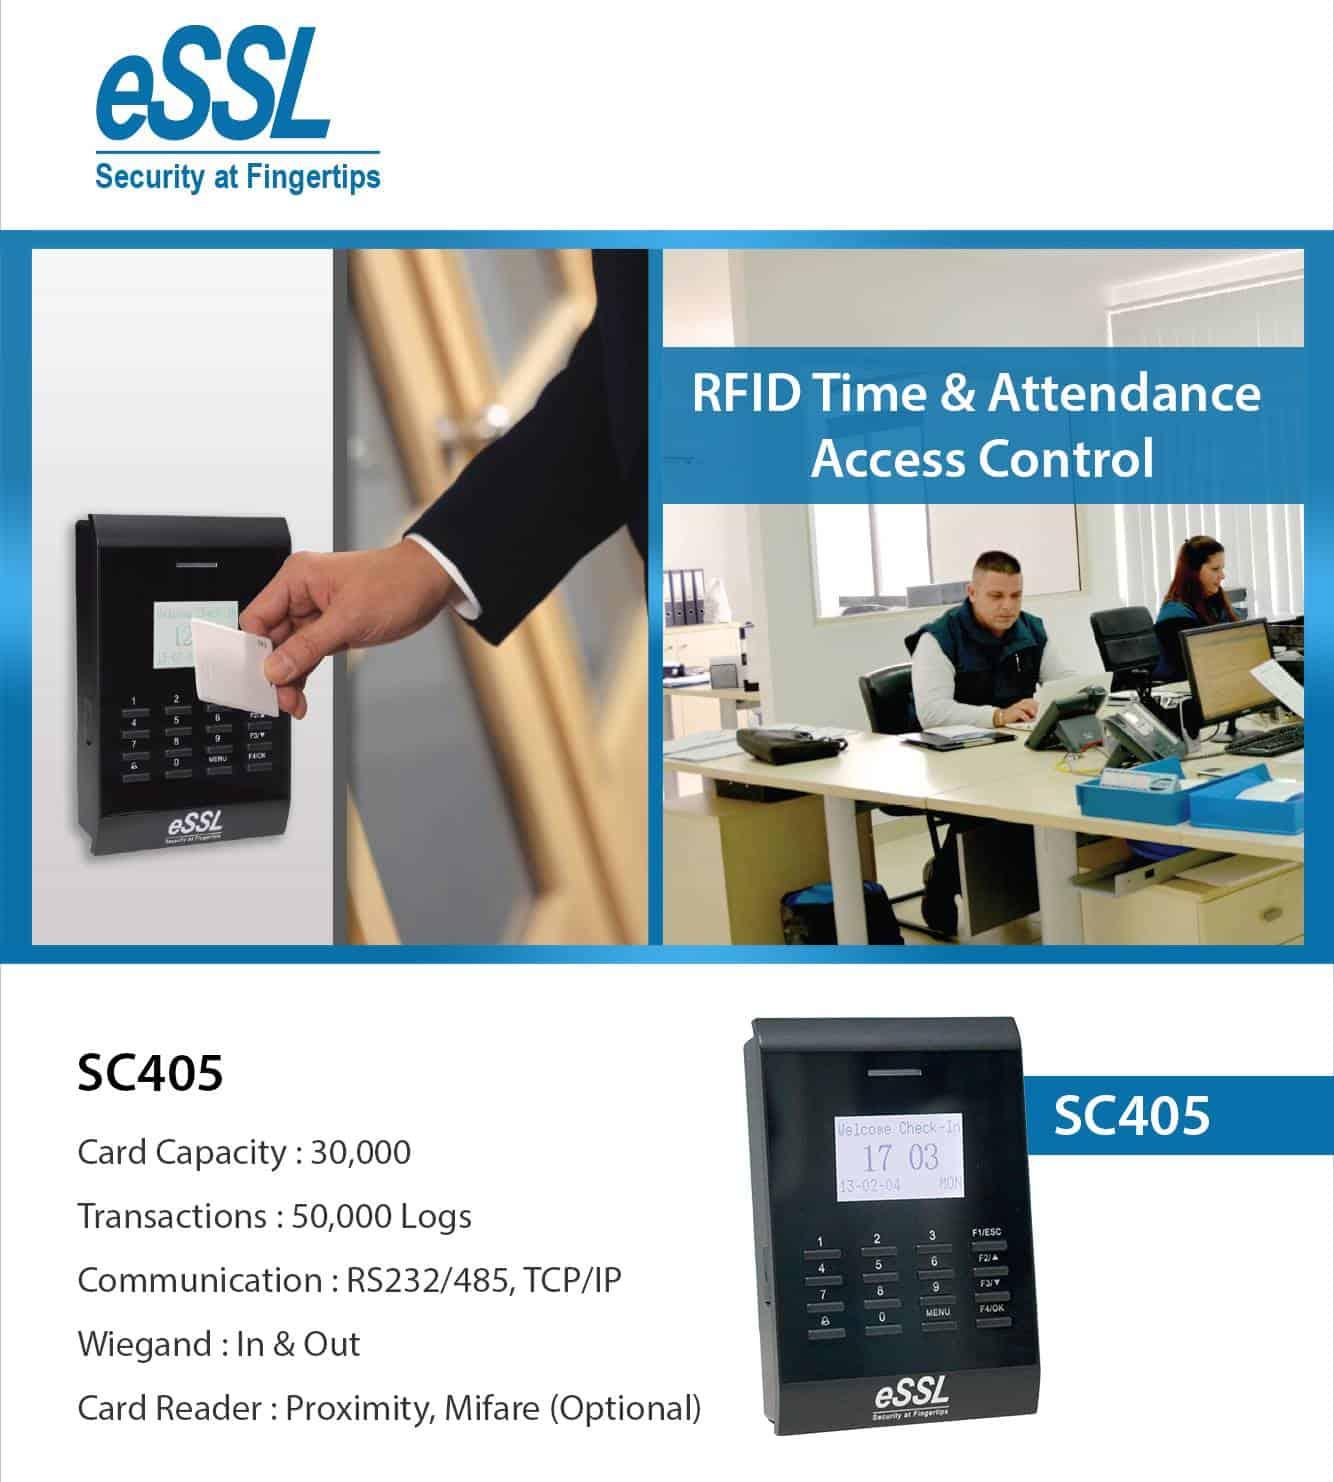 RFID Access Control System eSSL SC405